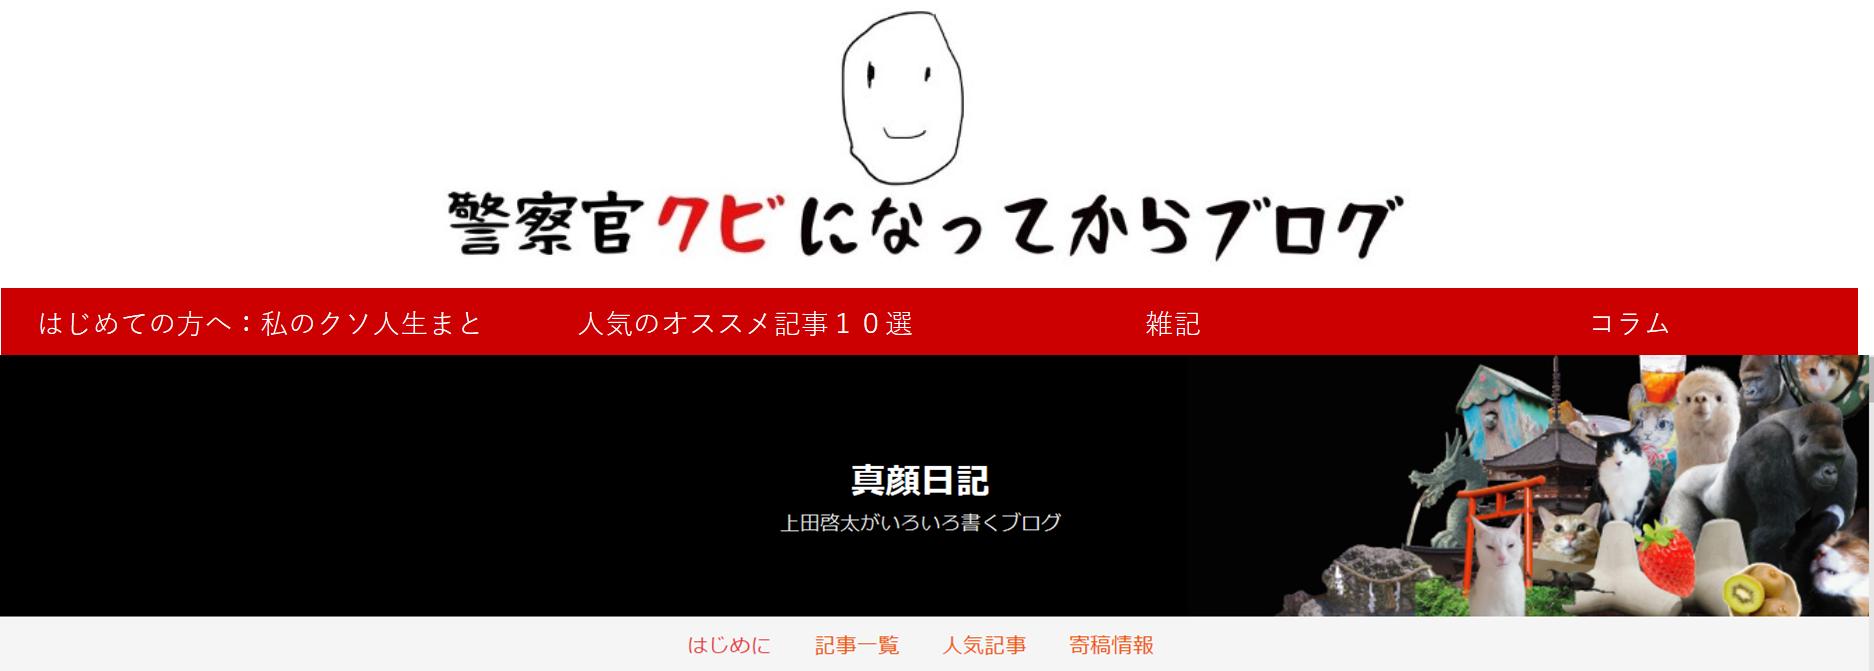 個人ブログ界の2大巨頭はハルオサンと上田啓太さん